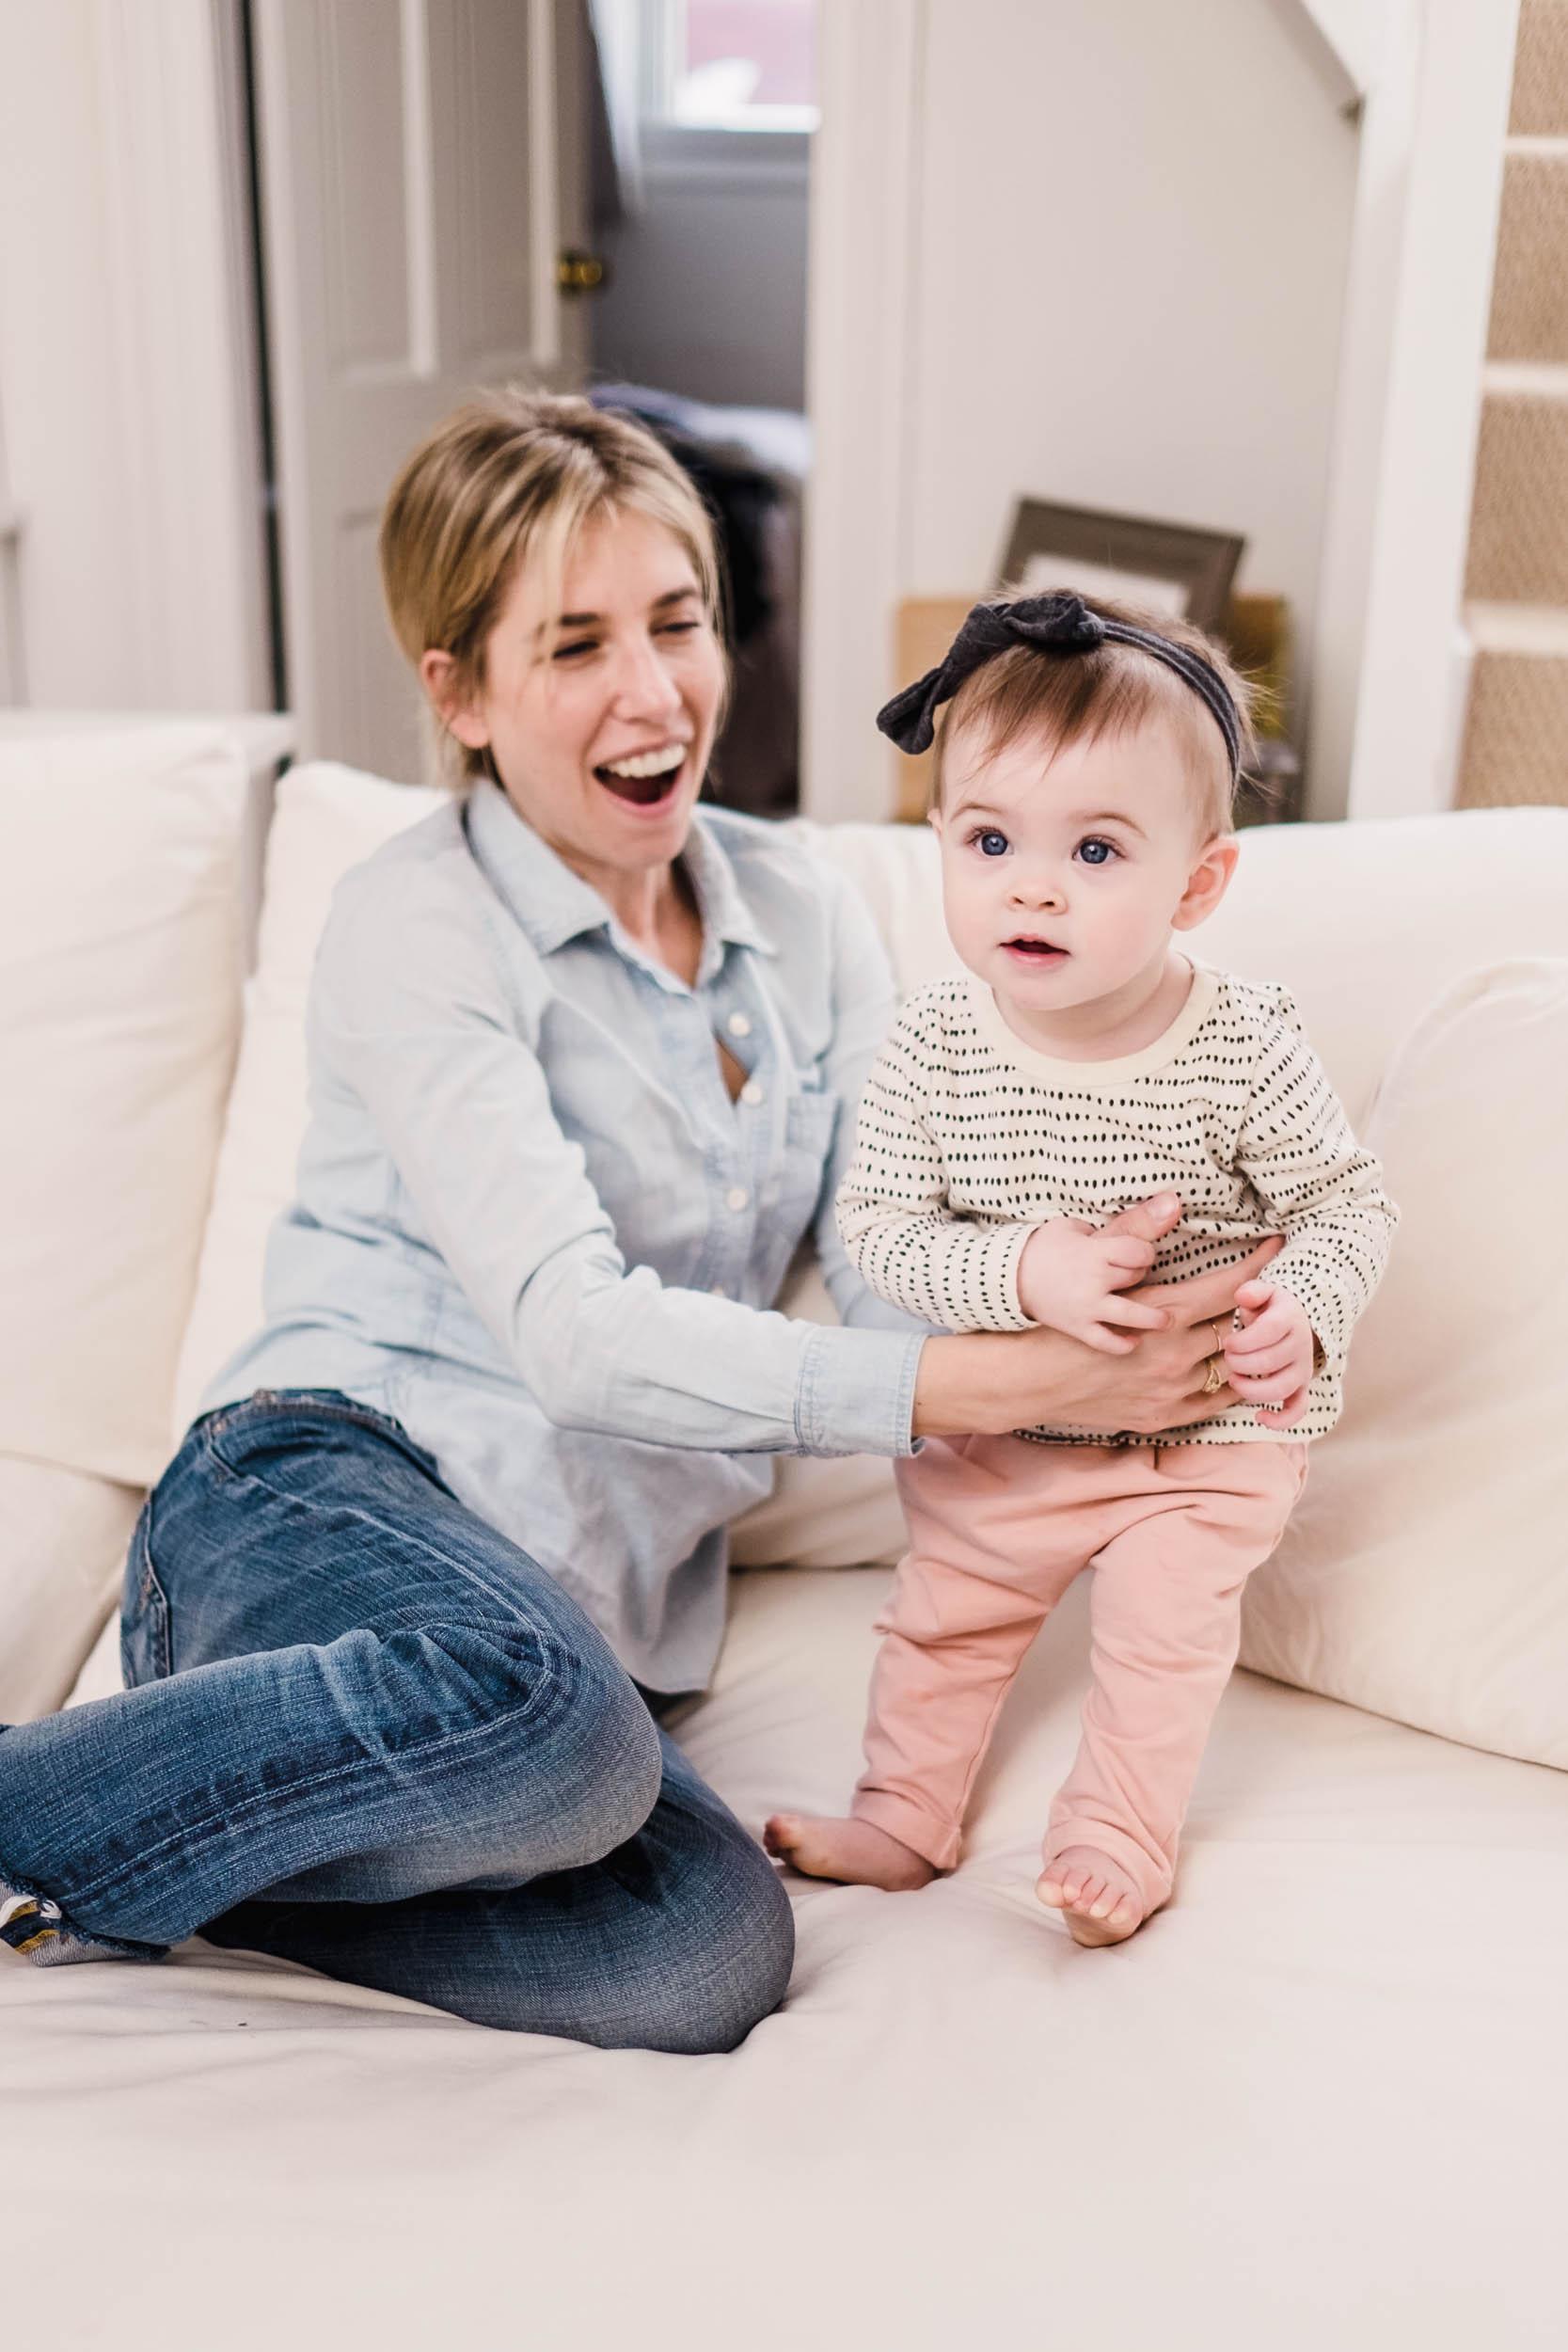 Kristen-Humbert-Family-Photoshoot-Philadelphia_Ruby-James-W-7107.jpg